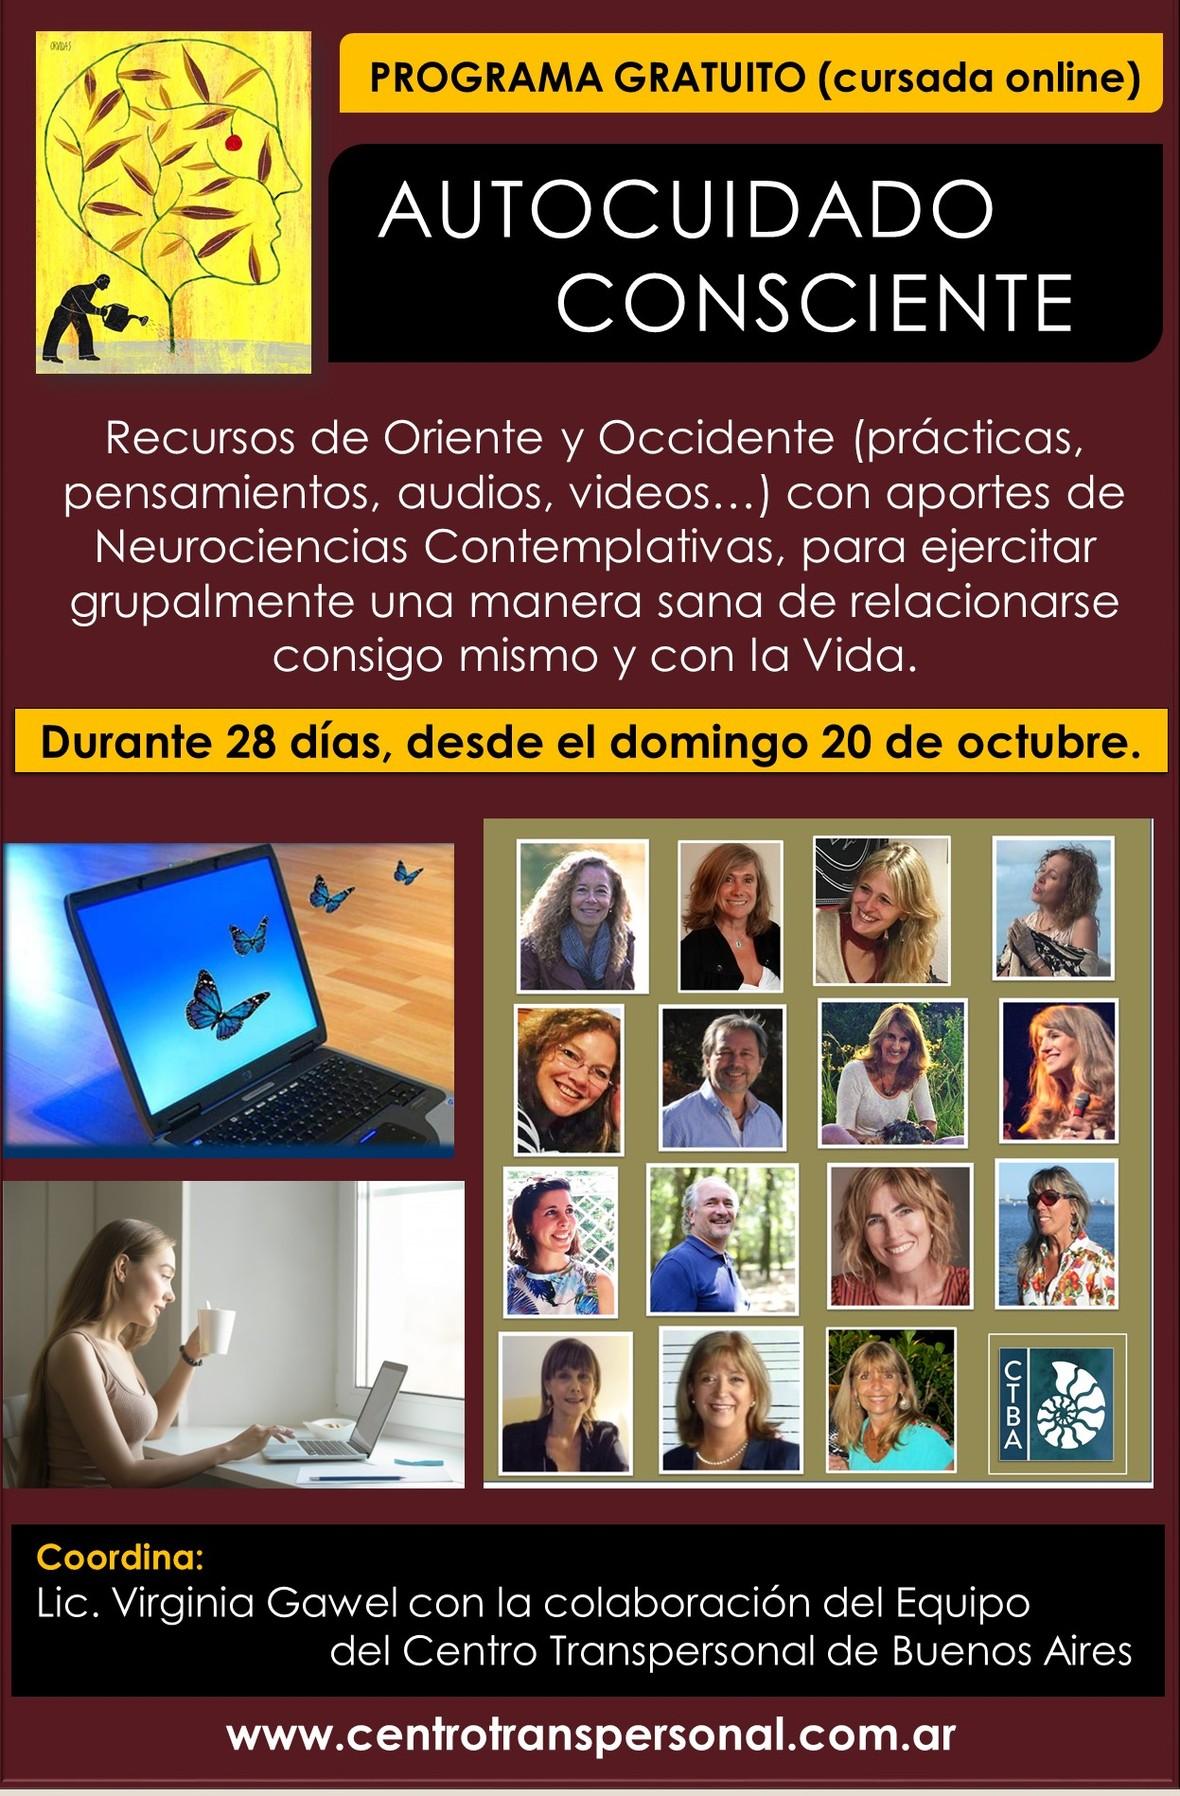 AVISO AUTOCUIDADO CONSCIENTE OCTUBRE 19